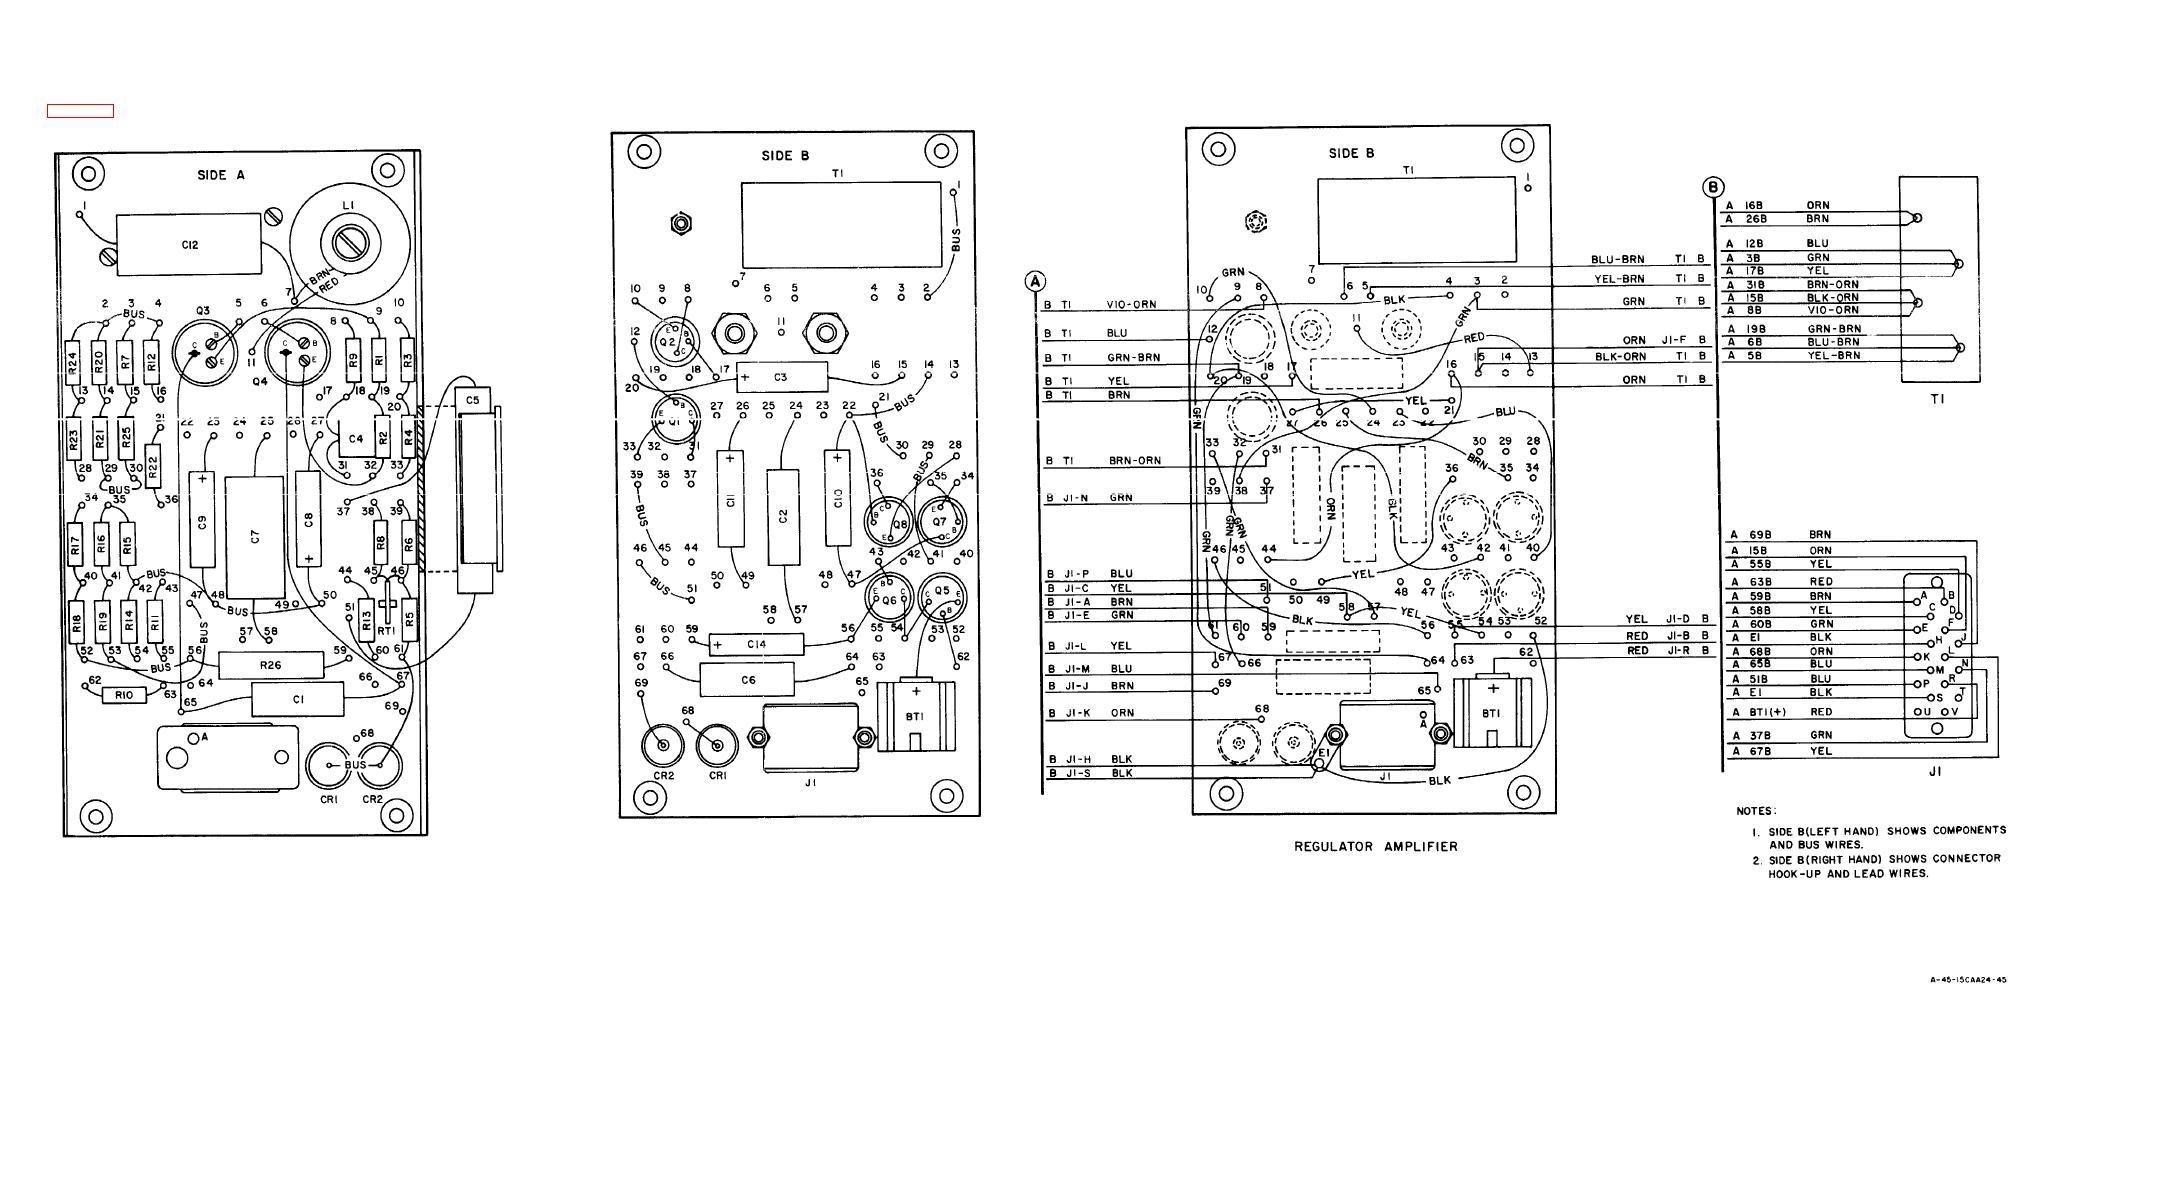 Figure 6-13. Regulator Amplifier Wiring Diagram